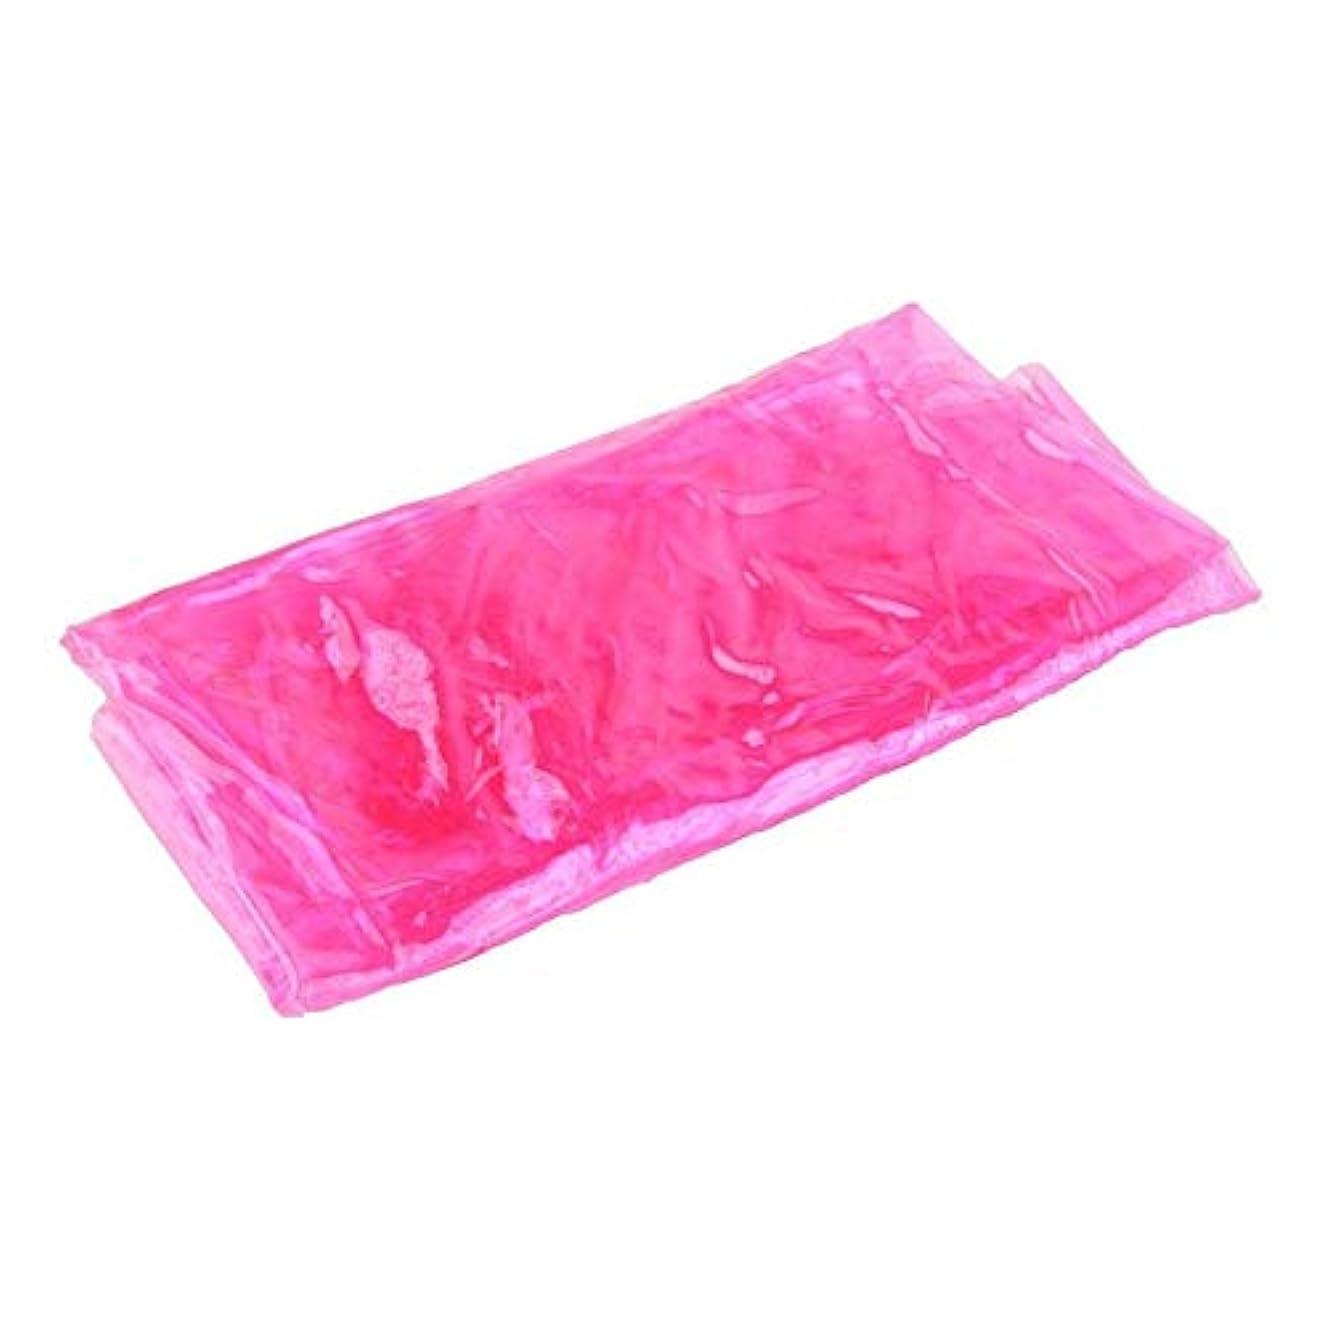 ステンレス端小間PVCシェイプアップスリミングベルトベリービタボディシェイパー減量サウナベルトライフエッセンシャルオイル/クリームマッサージ/スパソルト(ピンク)